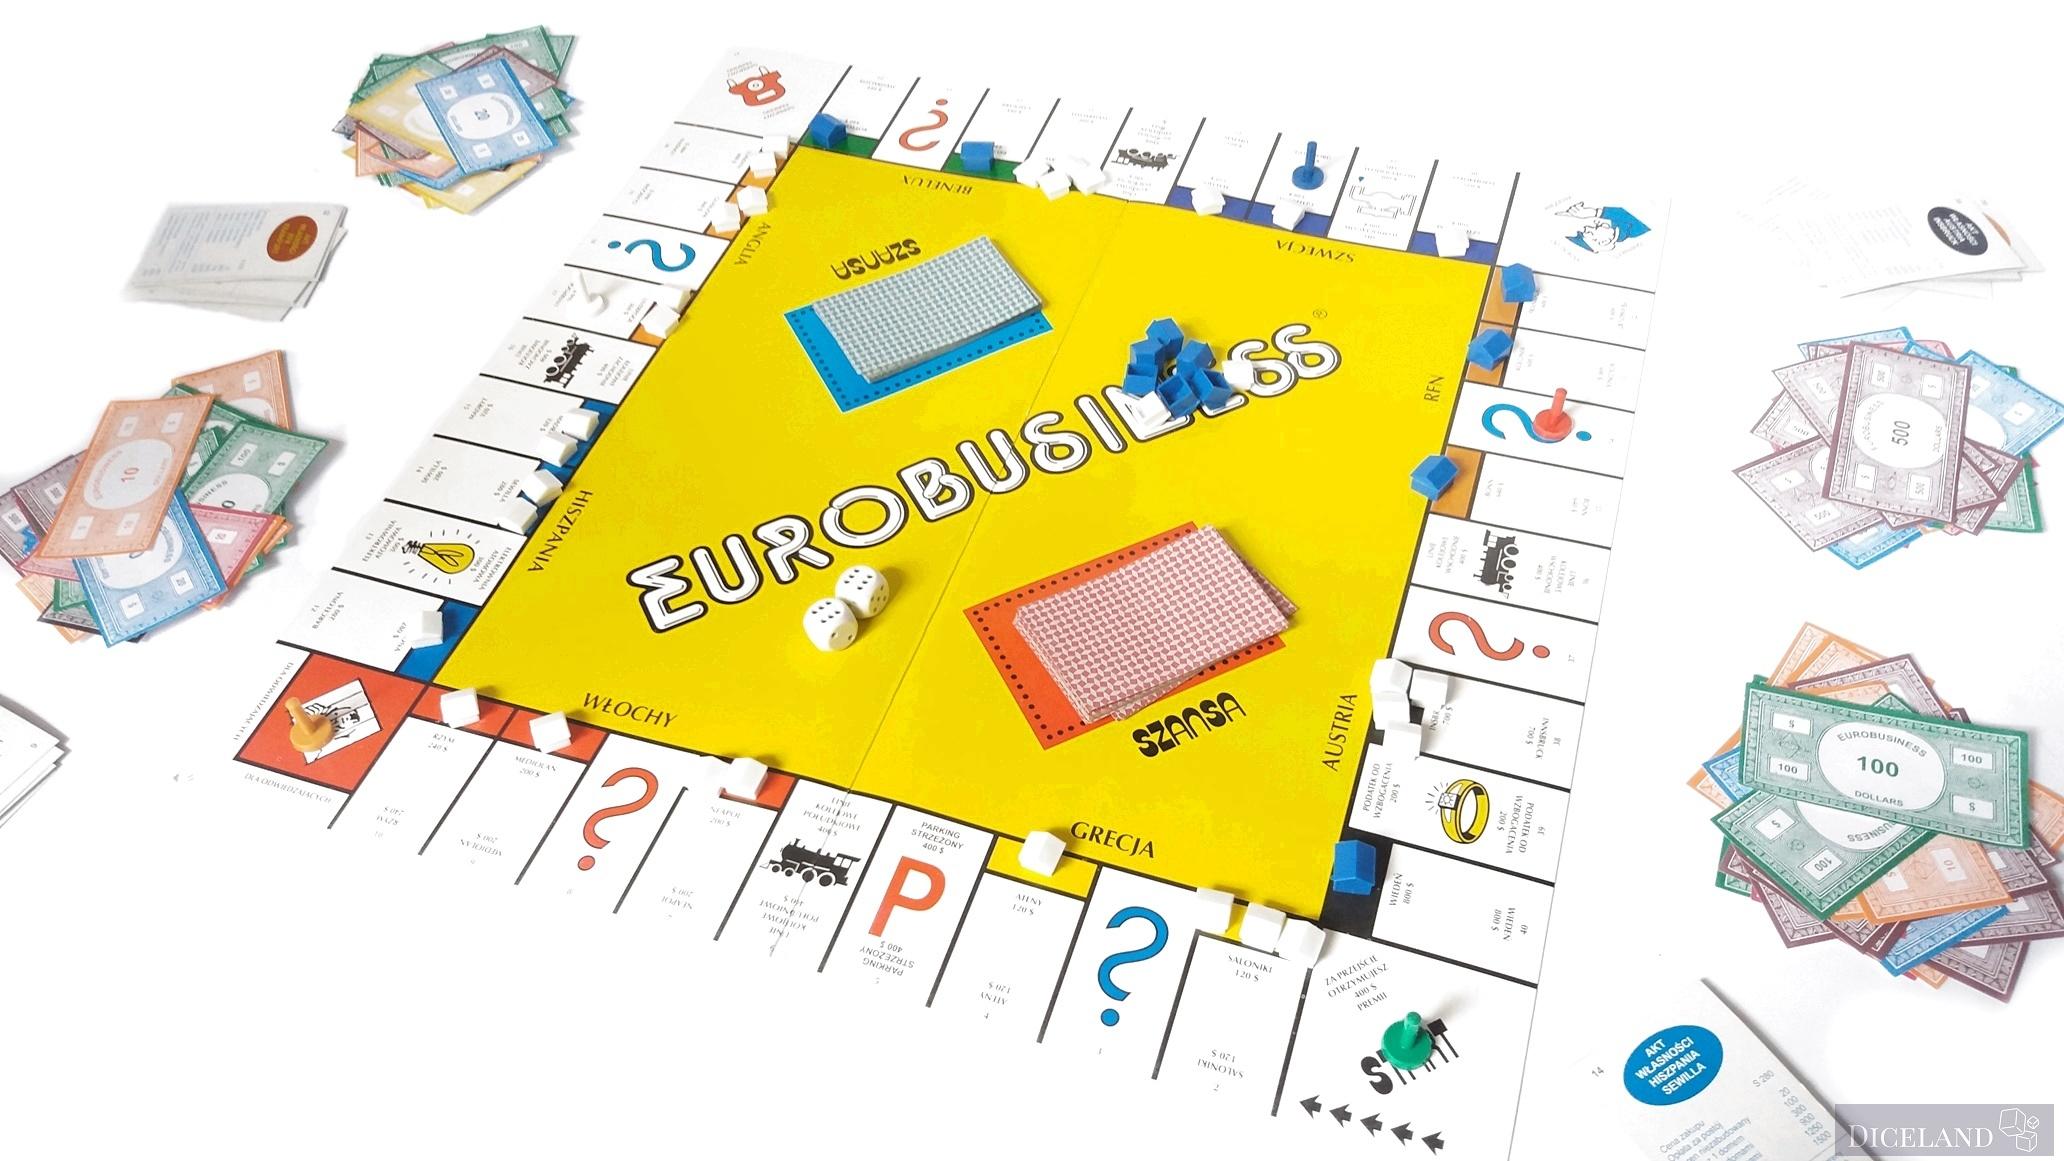 IS Eurobiznes 17 Recenzja #3   Eurobiznes, czyli nie całkiem poważna recenzja.